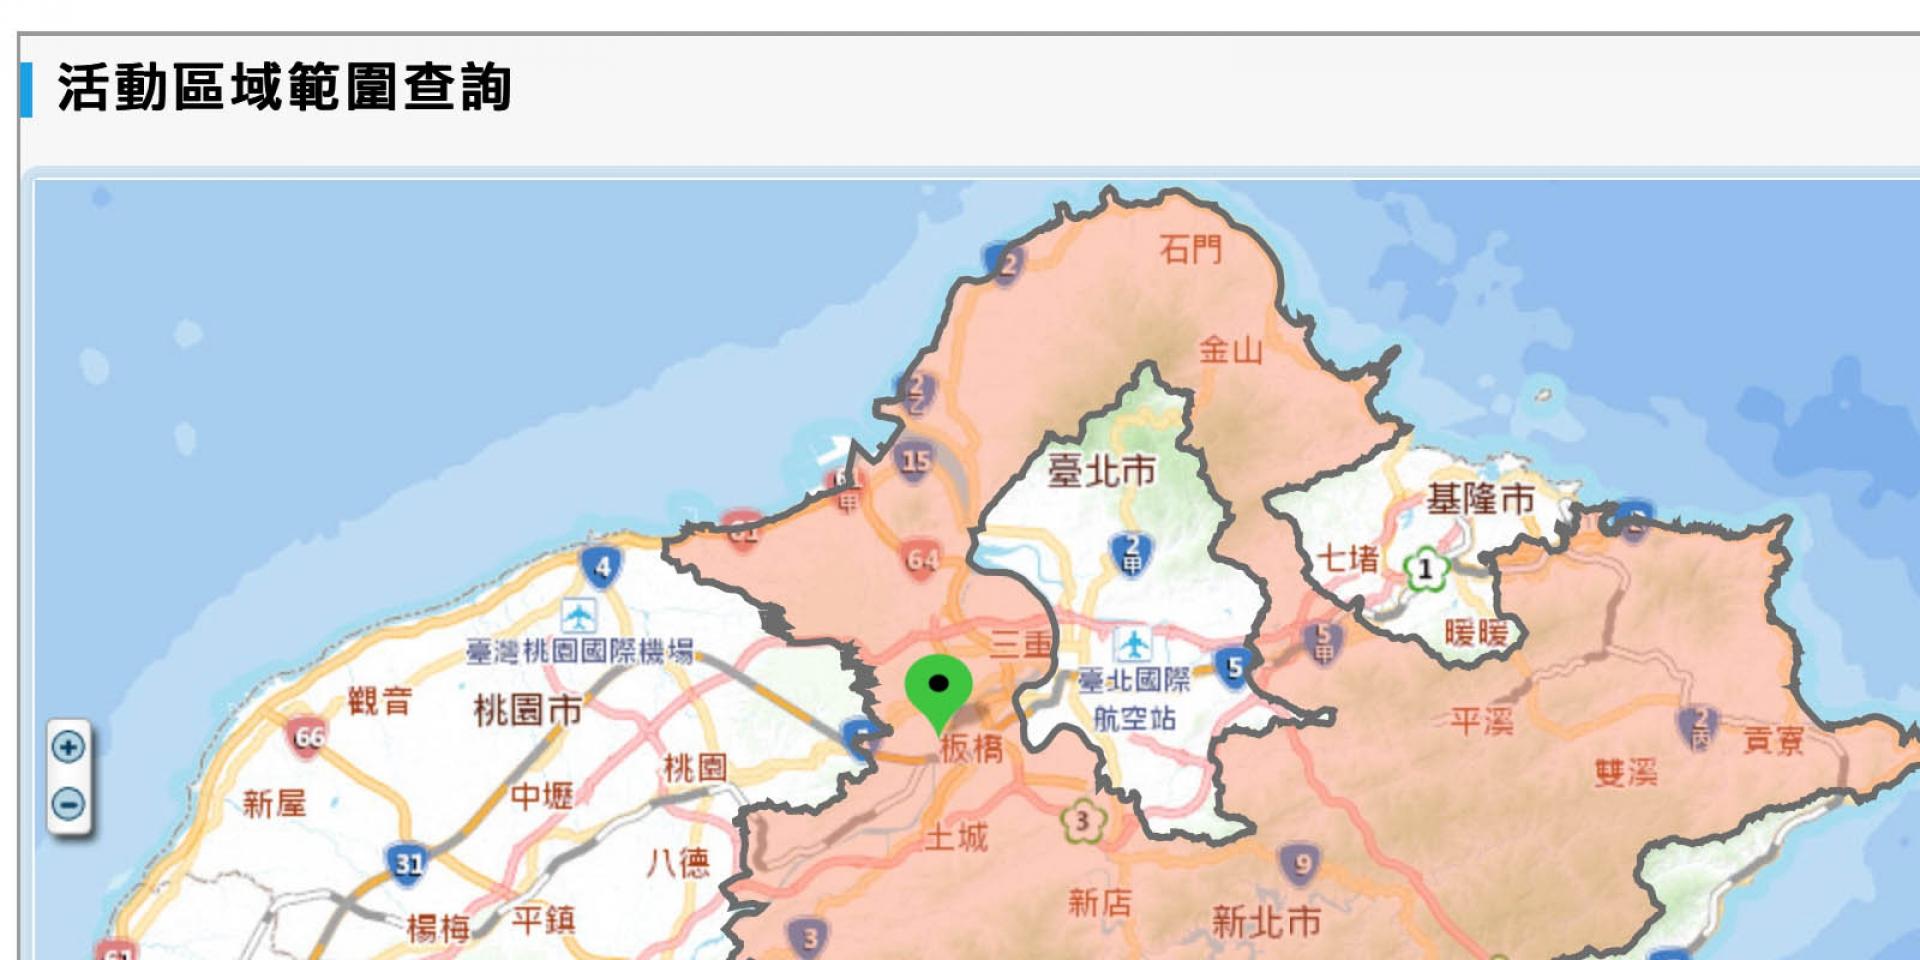 被囚禁的空拍機!3/31新法上路,台灣多數縣市大規模禁止飛行